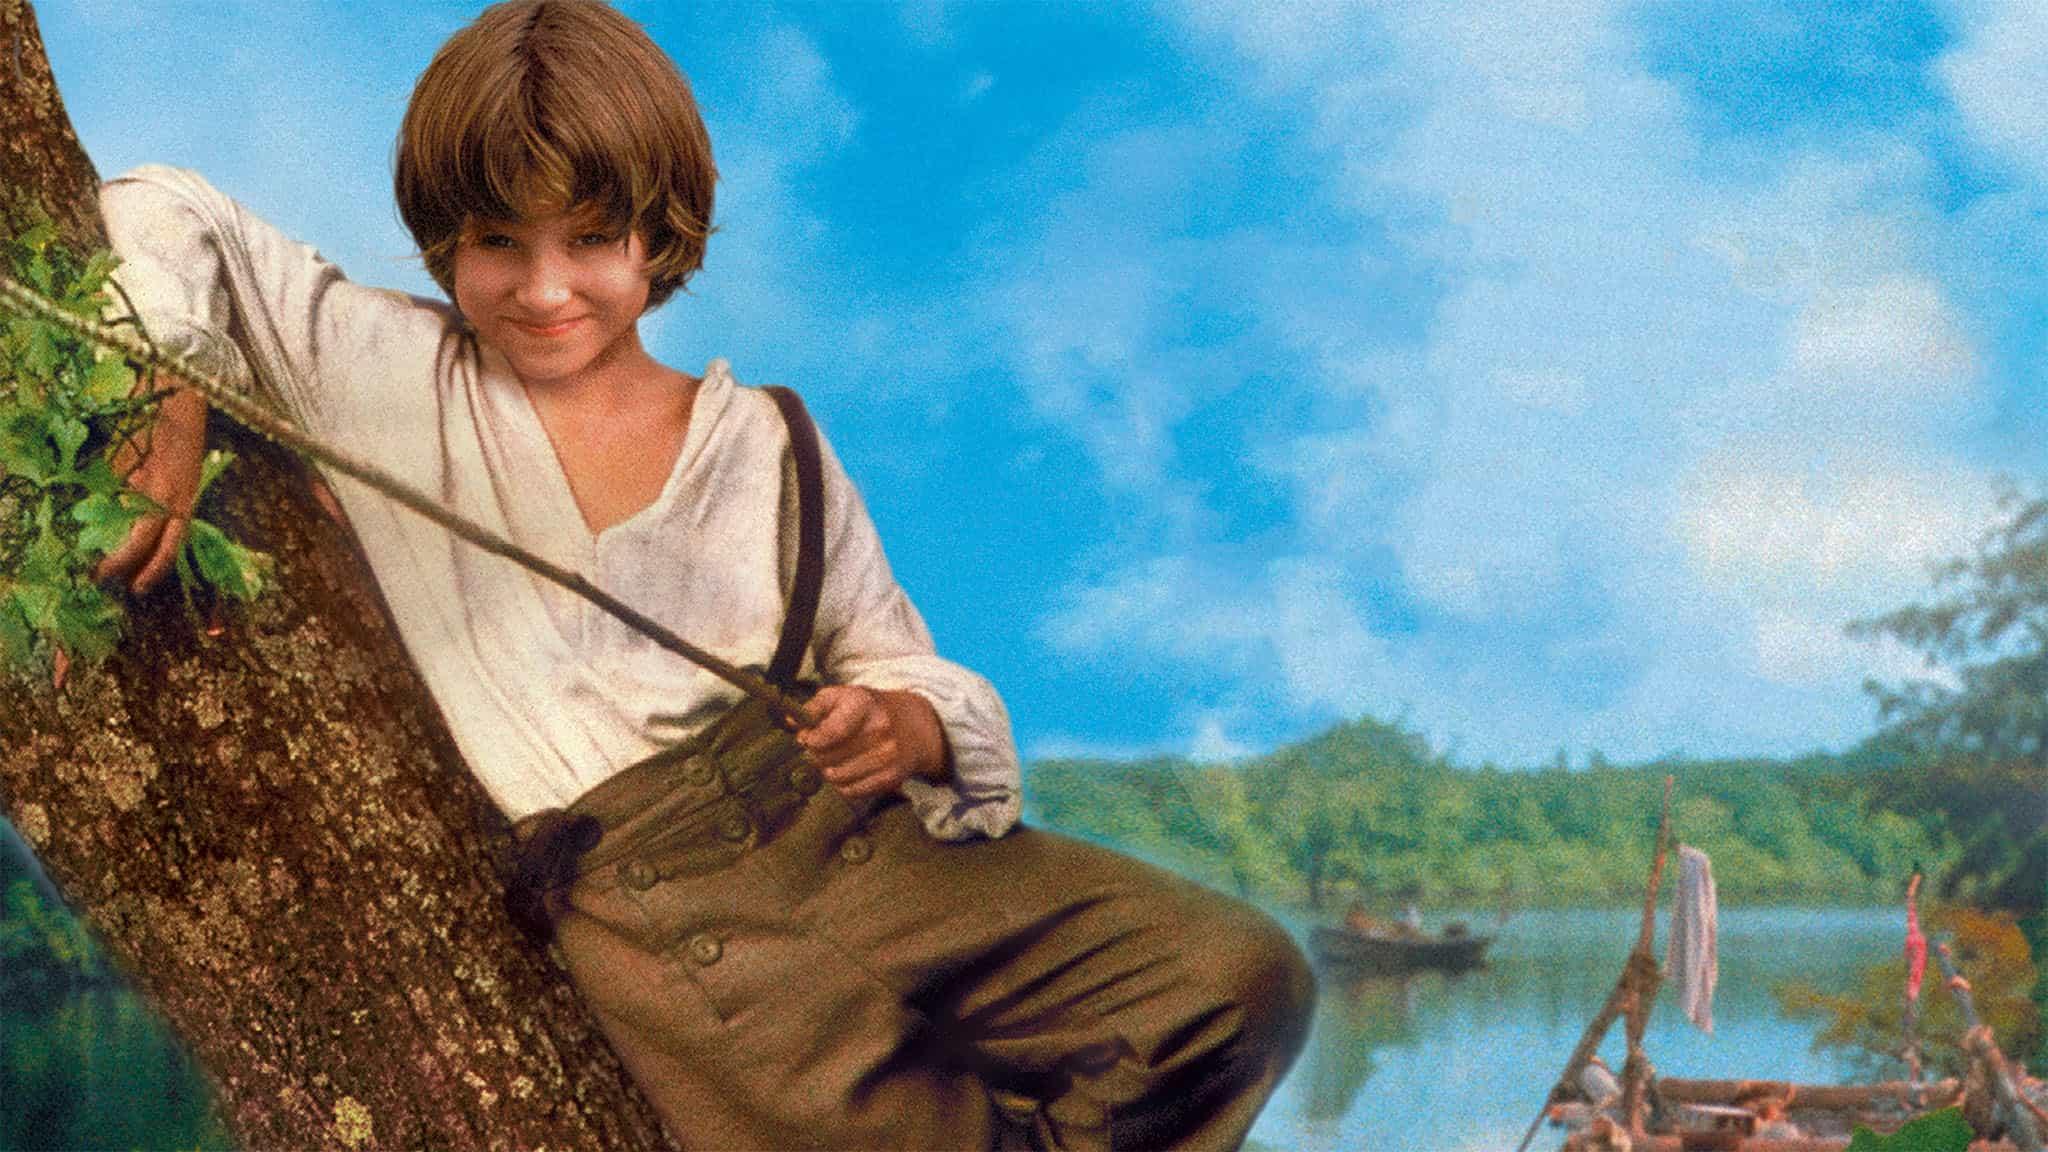 فيلم The Adventures of Huck Finn 1993 مترجم